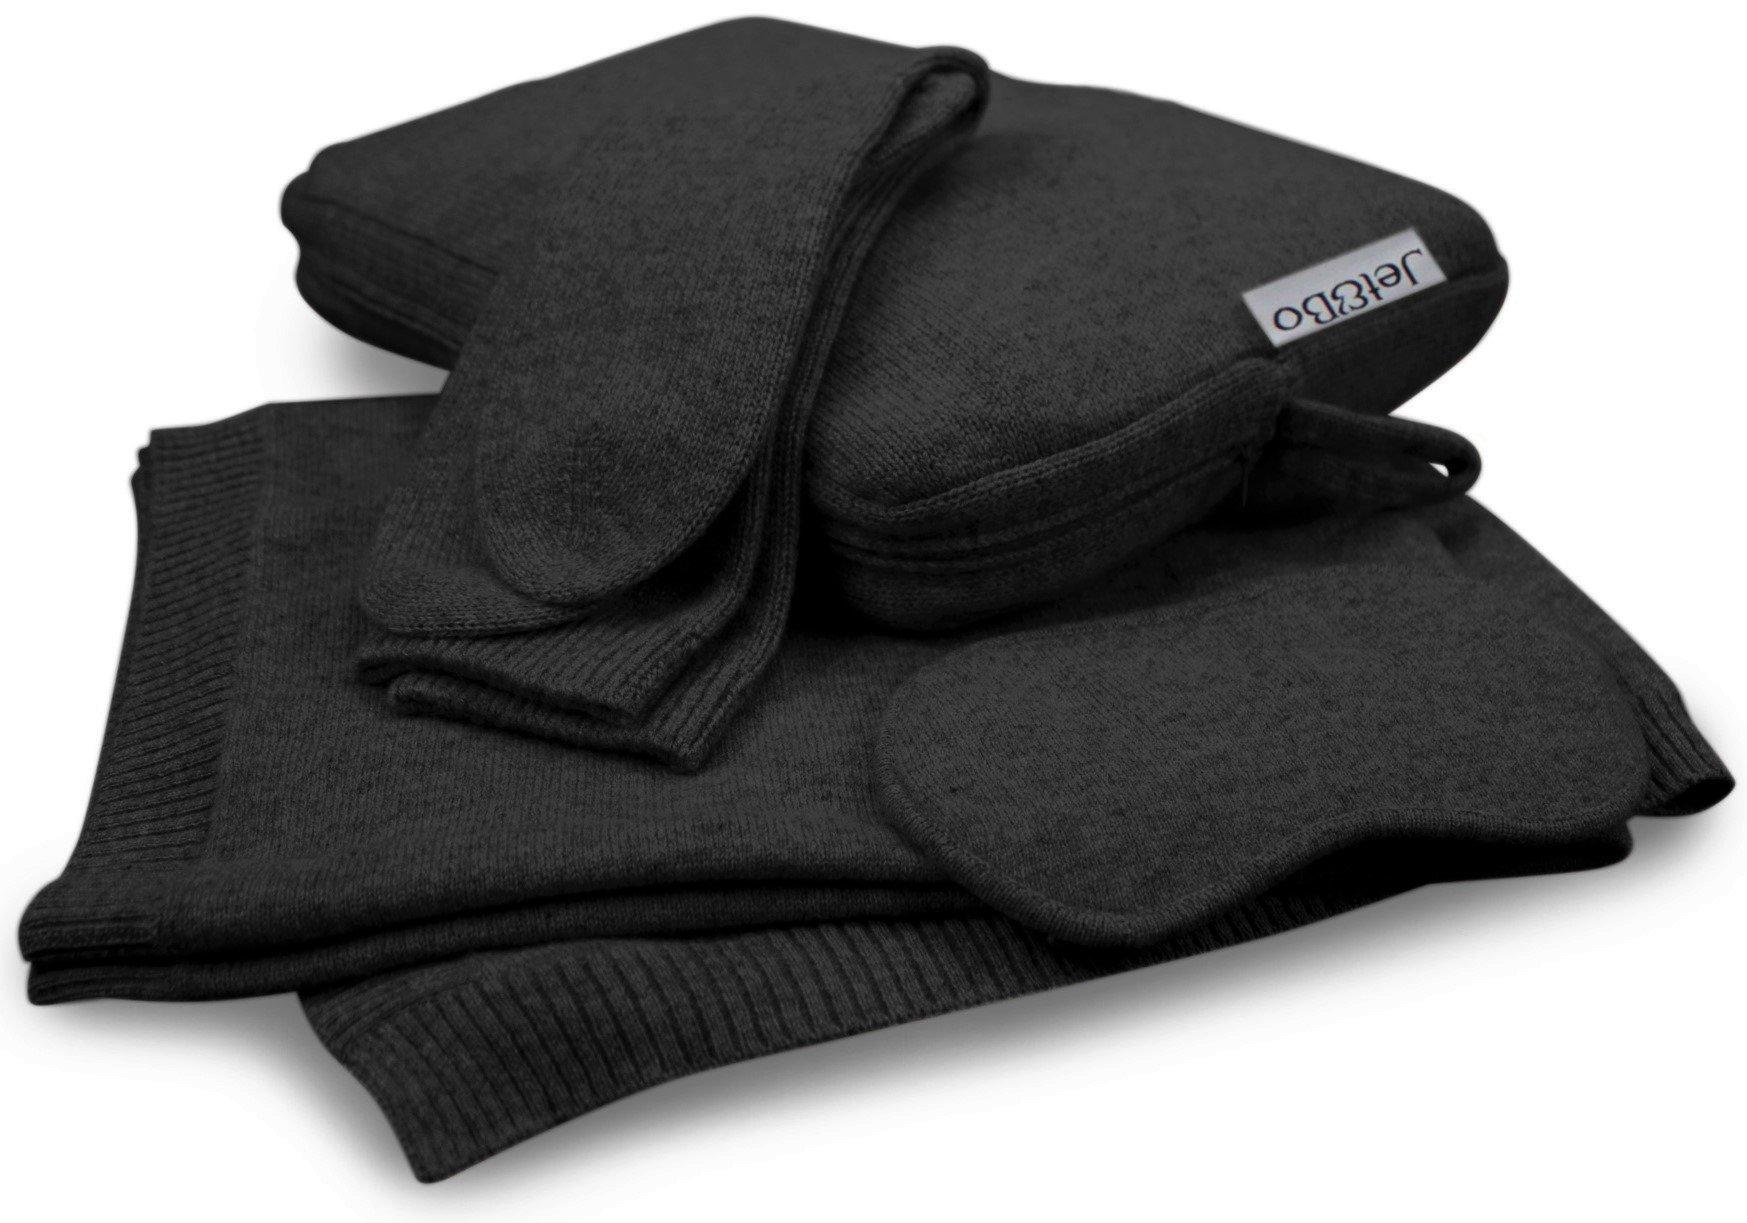 Jet&Bo 100% Cashmere Travel Set: Blanket, Eye Mask, Socks, Carry/Pillow Case Black